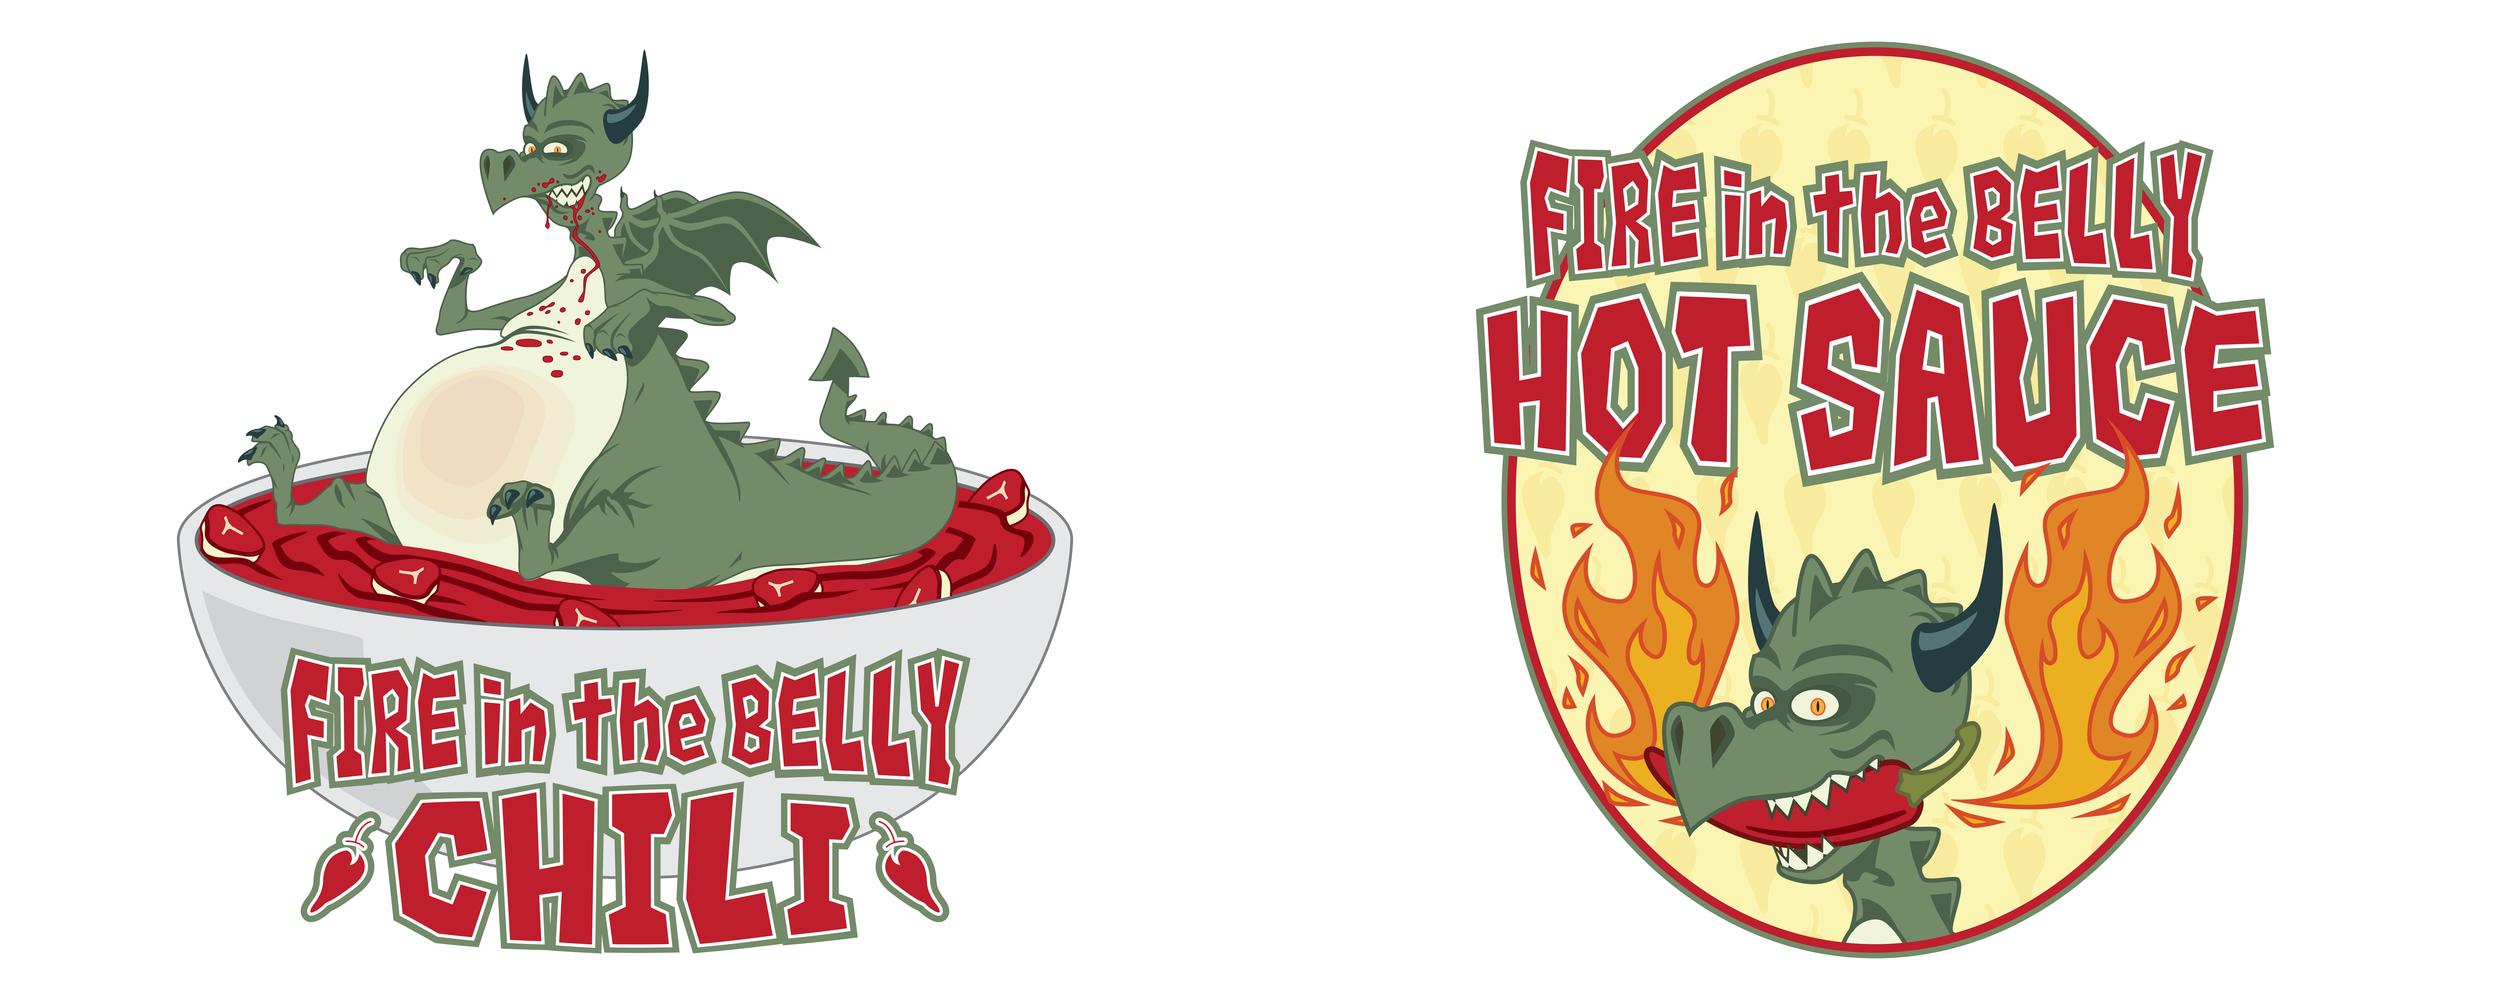 Fire in the belly logos.jpg